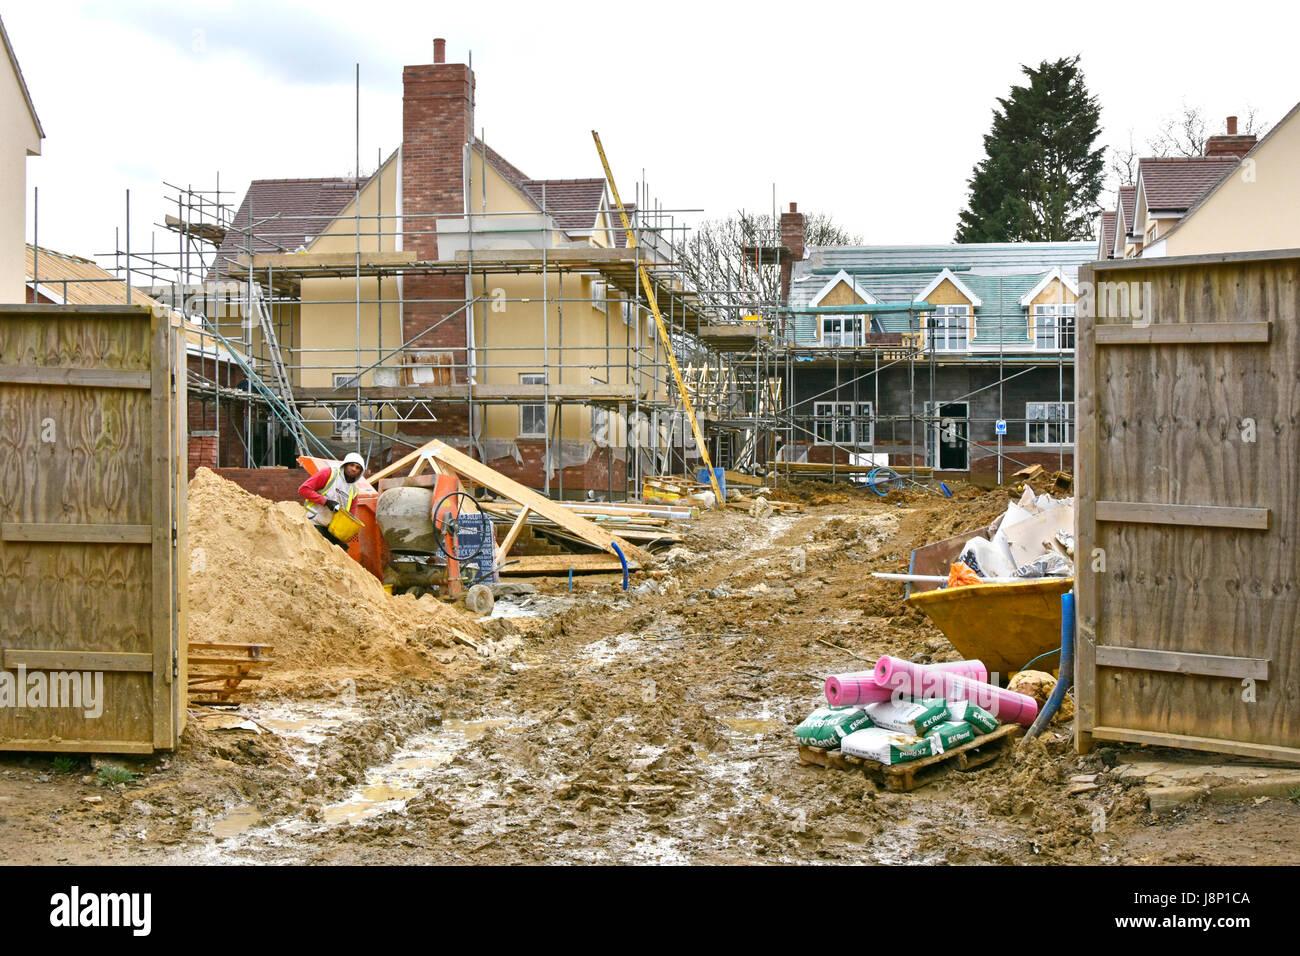 Neue Heimat Errichtet Im Winter Schlamm U0026 Ton Auf Kleinen überfüllten Haus  Baustelle Mit Materialien, Die überall Verstreut Und Arbeit Voran Auf Neue  Häuser